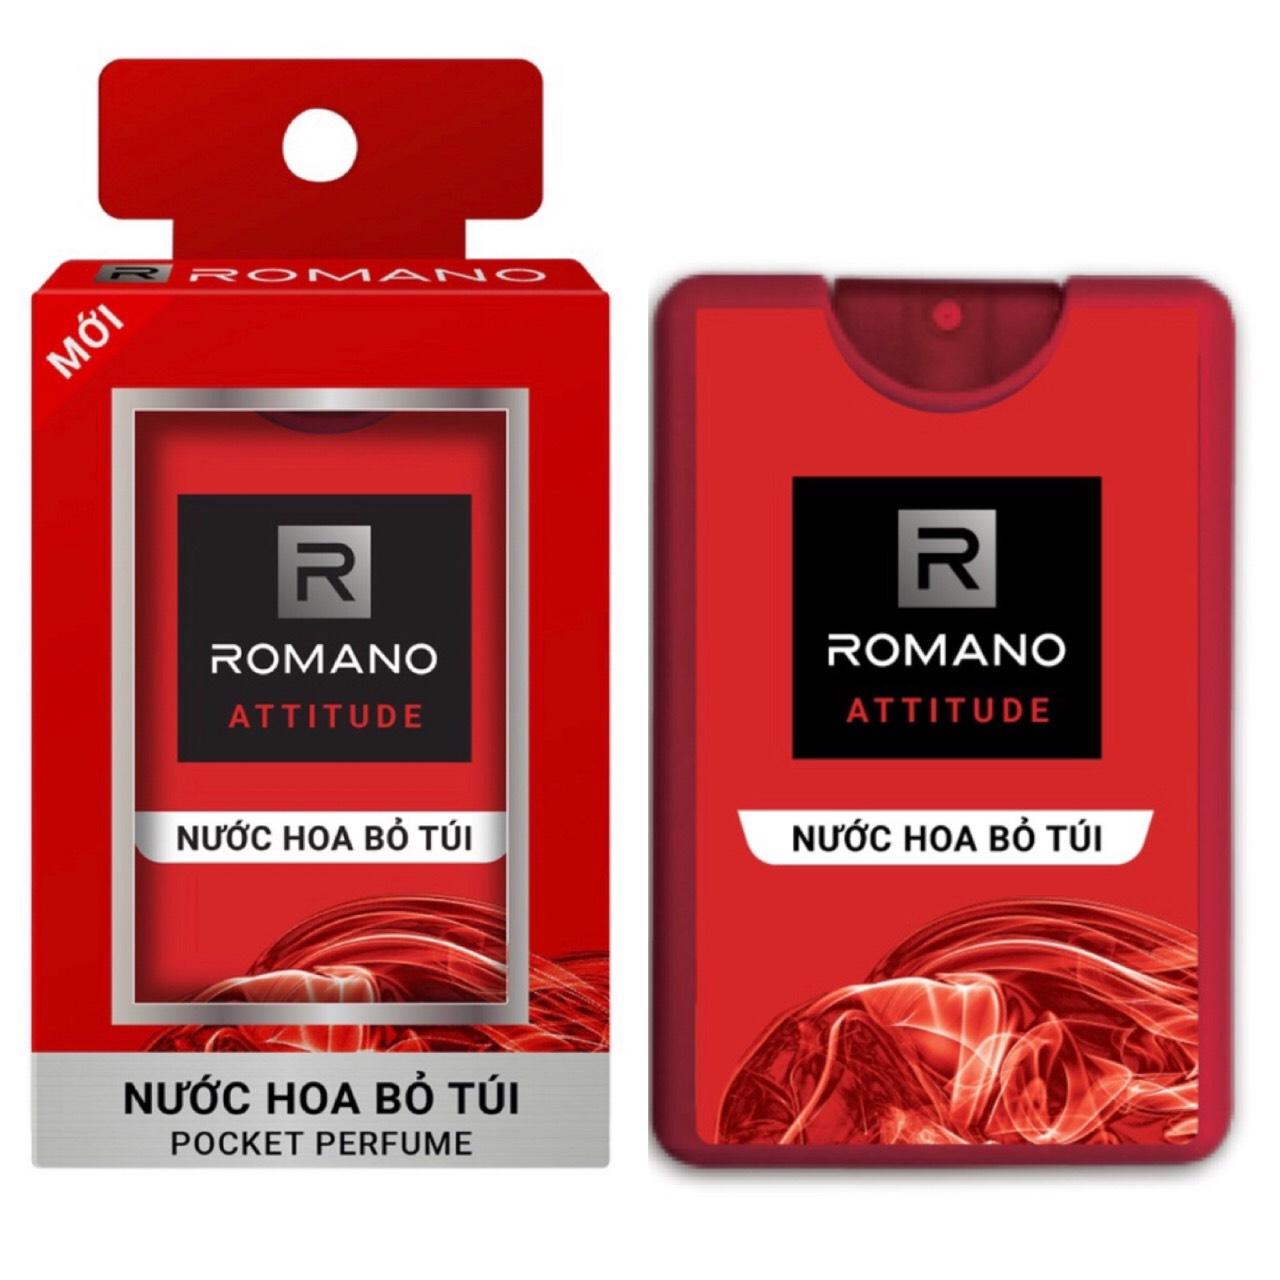 Nước hoa bỏ túi Romano chai 18ml (250 lần sử dụng) - đỏ nhập khẩu